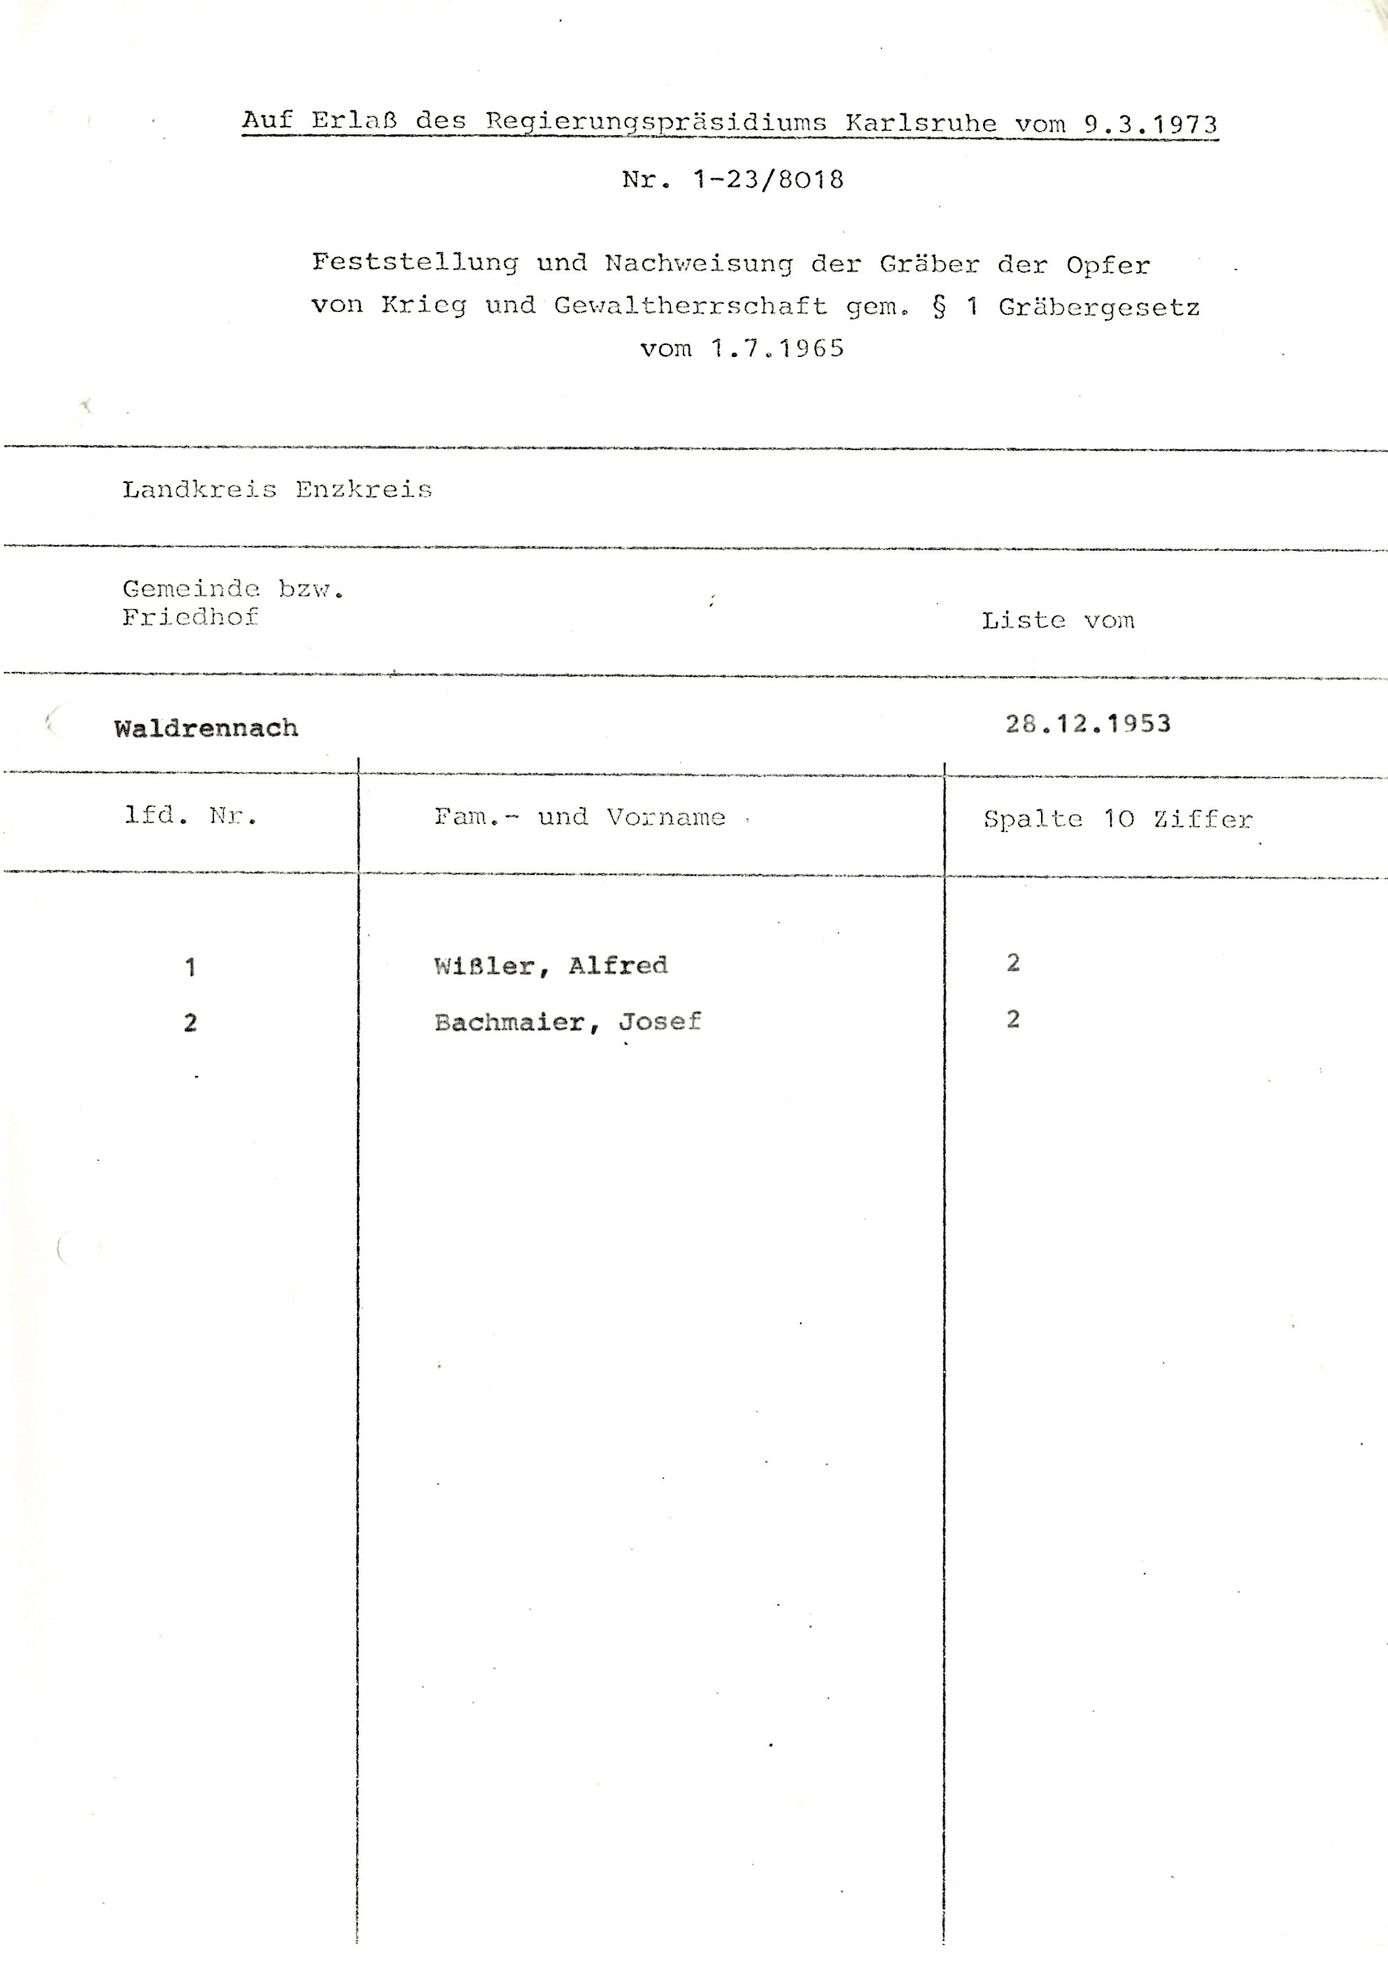 Waldrennach, Bild 2